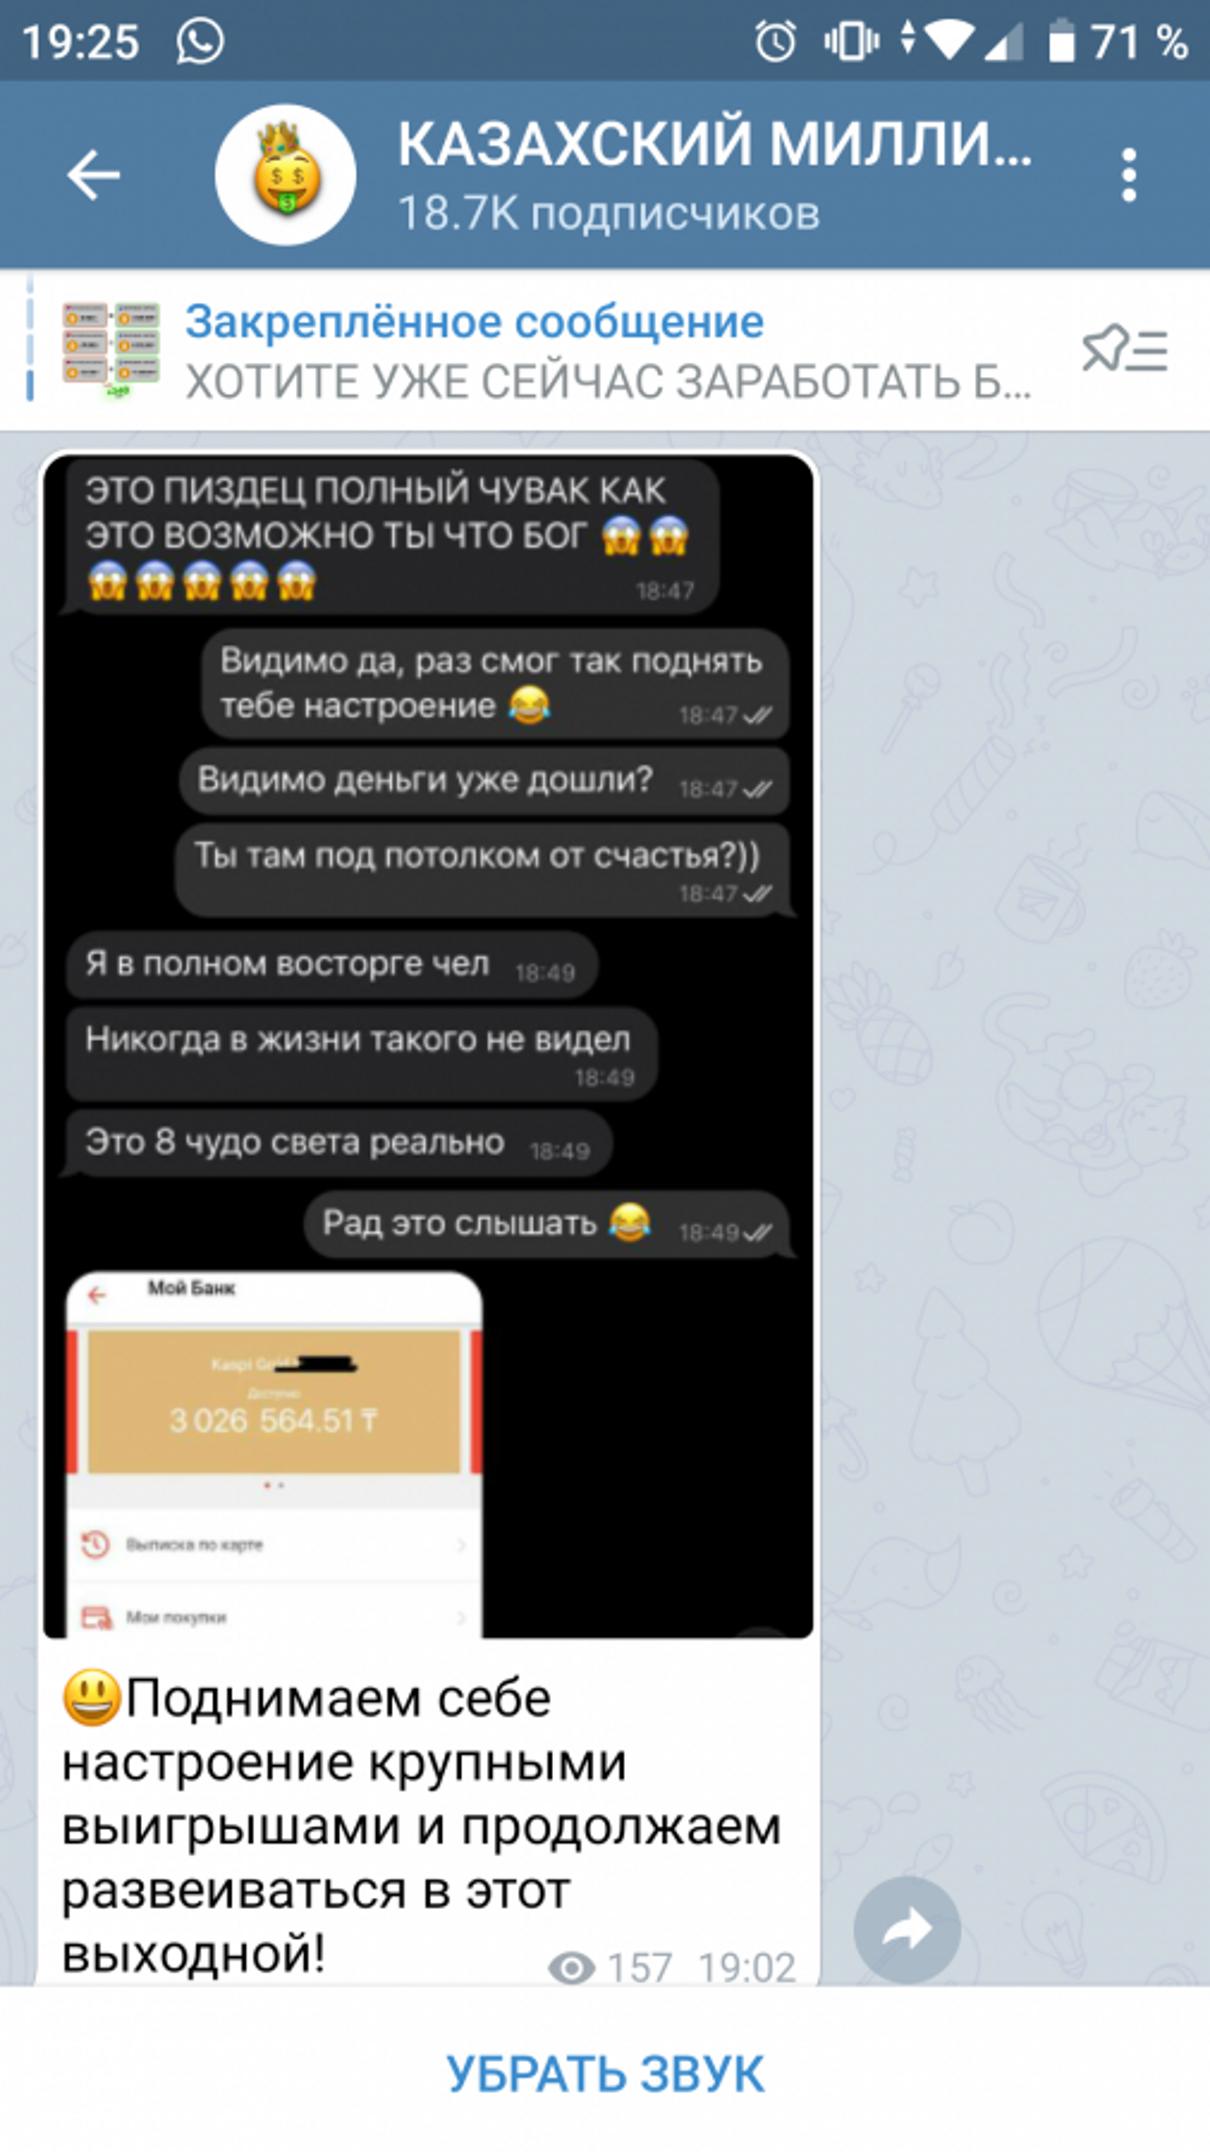 Жалоба-отзыв: Telegram канал Казахский миллионер - Мошенник в Telegram.  Фото №1